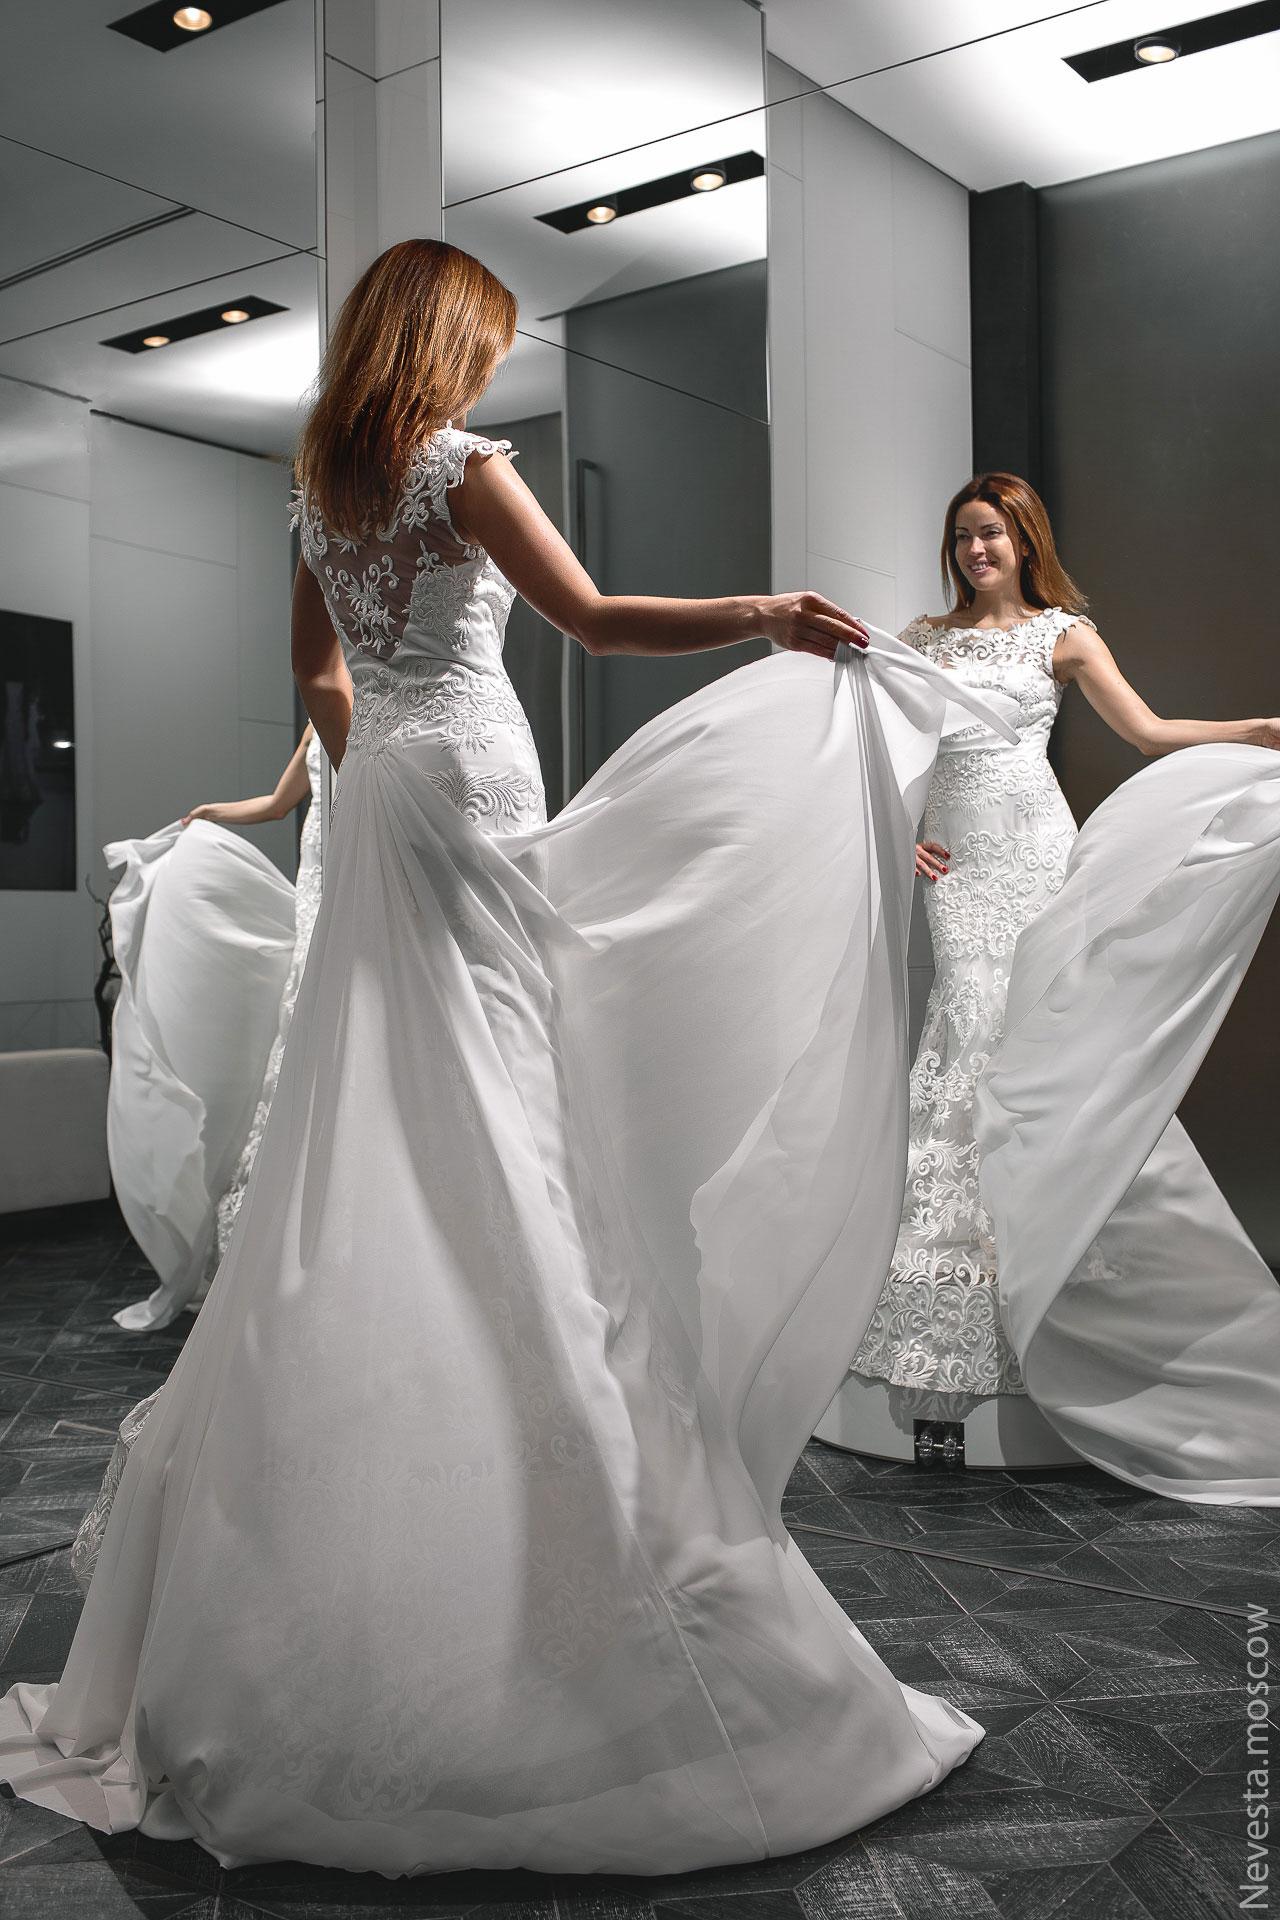 Актриса Ольга Зайцева примеряет свадебное платье фото 4